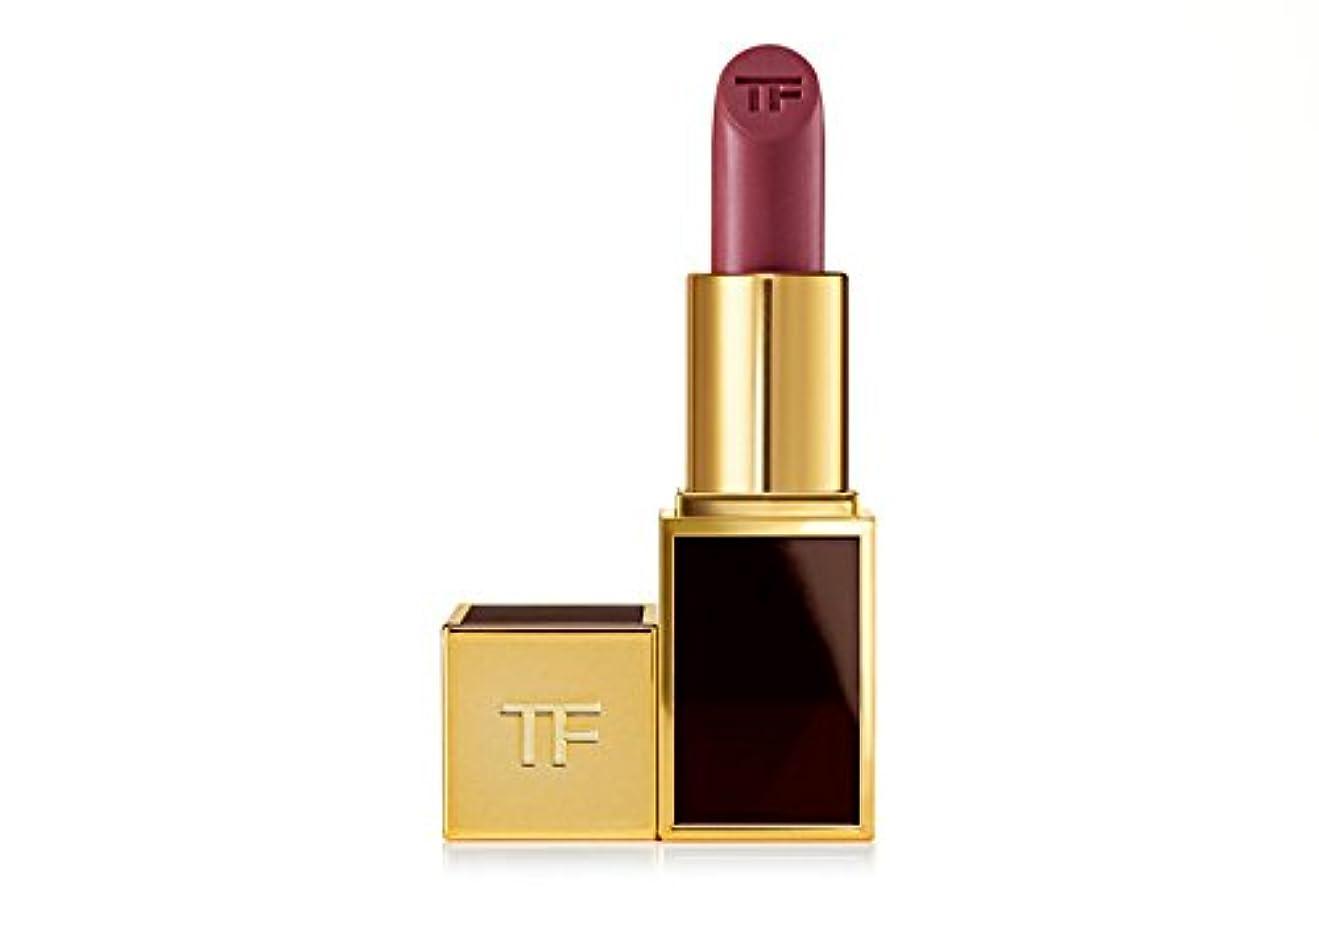 戻るなぜなら価格トムフォード リップス アンド ボーイズ 12 バイオレット リップカラー 口紅 Tom Ford Lipstick 12 VIOLETS Lip Color Lips and Boys (#29 Jack ジャック)...